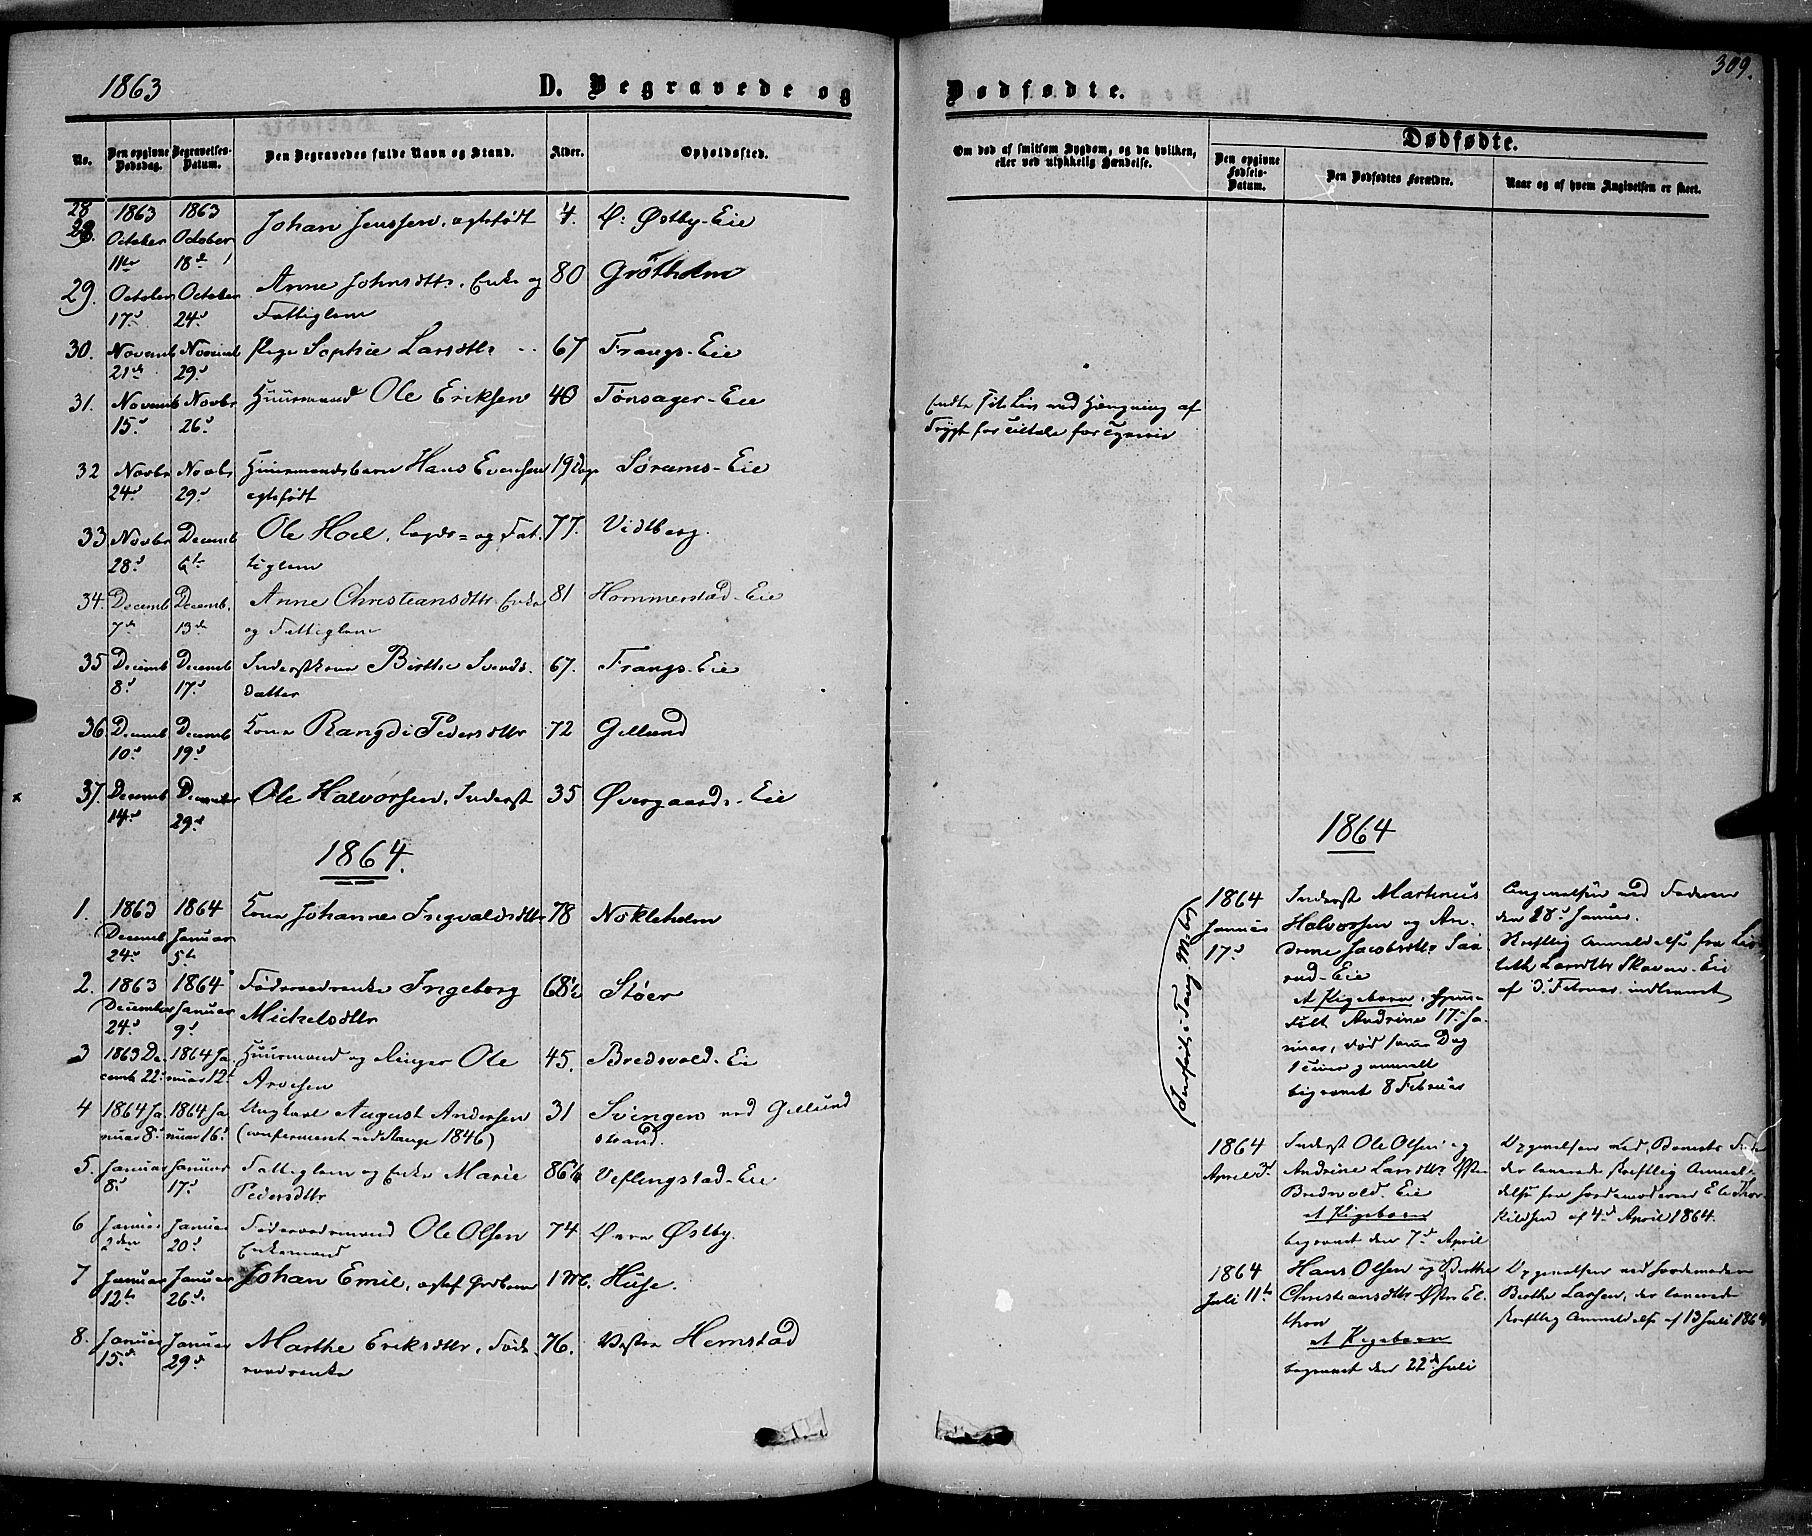 SAH, Stange prestekontor, K/L0013: Parish register (official) no. 13, 1862-1879, p. 309